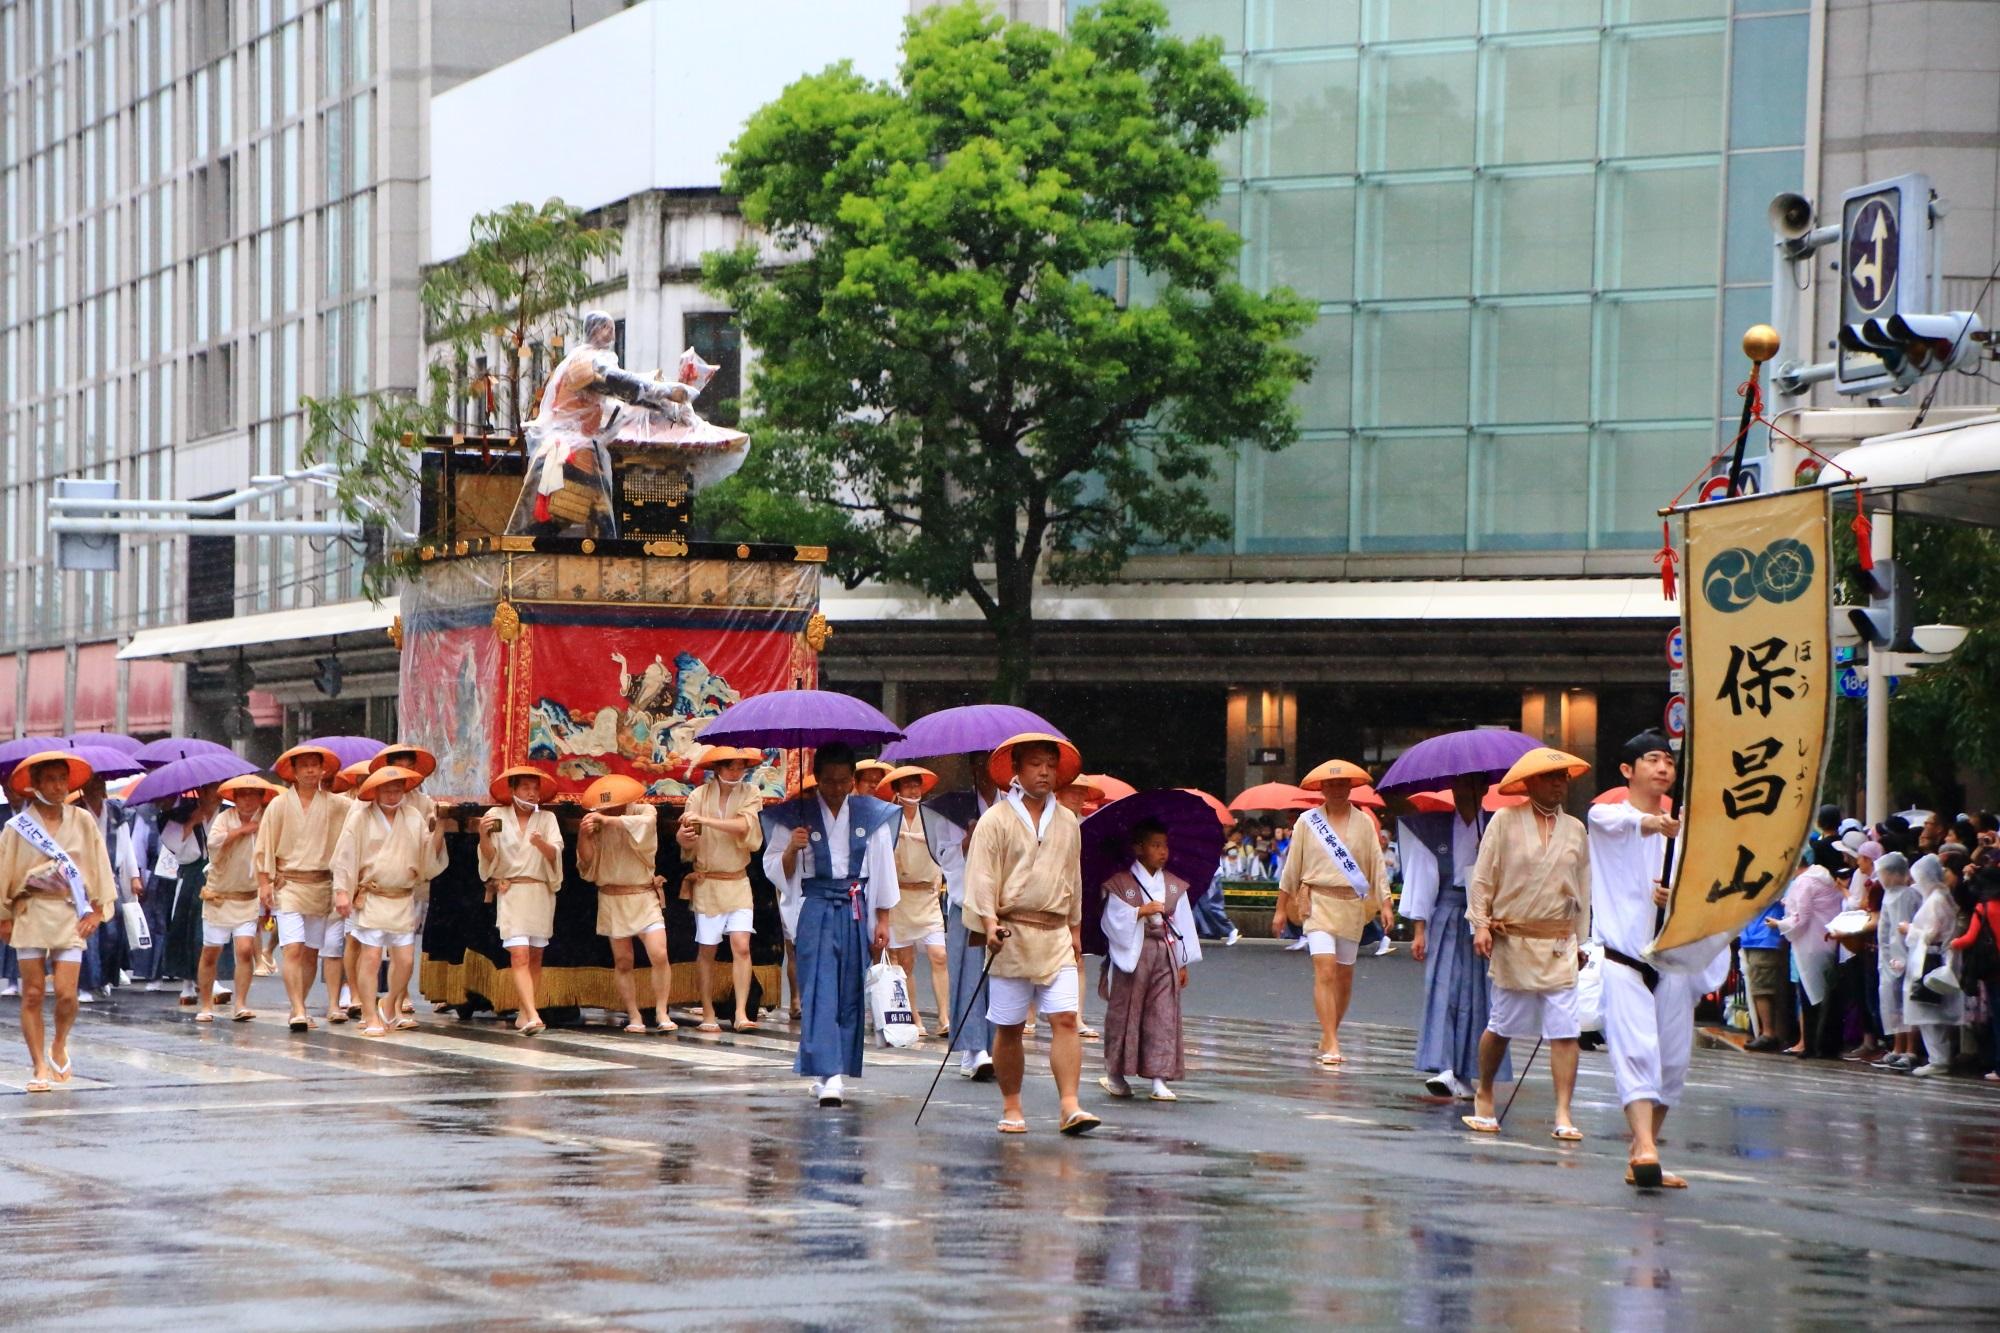 祇園祭の山鉾巡行の保昌山(ほうしょうやま)